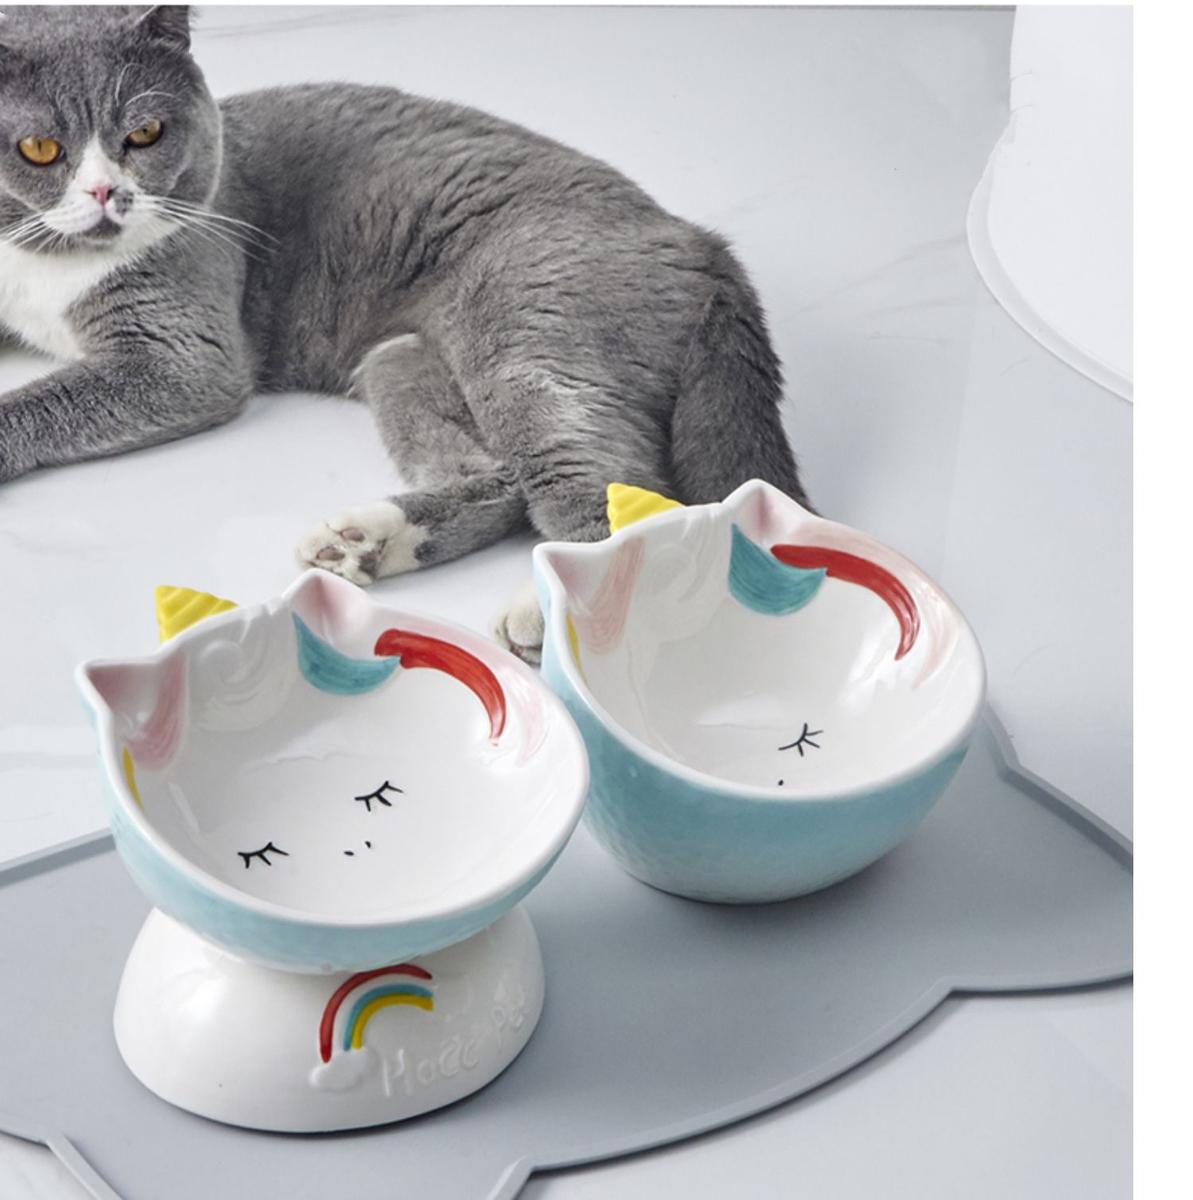 傾斜 猫食器 餌皿 ペット用品 猫用 陶磁器 フードボウル 猫柄 食器猫 猫 かわいい セラミック えさ入れ ペット皿 磁器 250ml 滑り止め 犬猫用 2色2タイプ 大決算セール ウェットフード 餌入れ 水入れ ペット食器 大容量 格安SALEスタート UNICORNS 150ml お皿 陶器 斜め